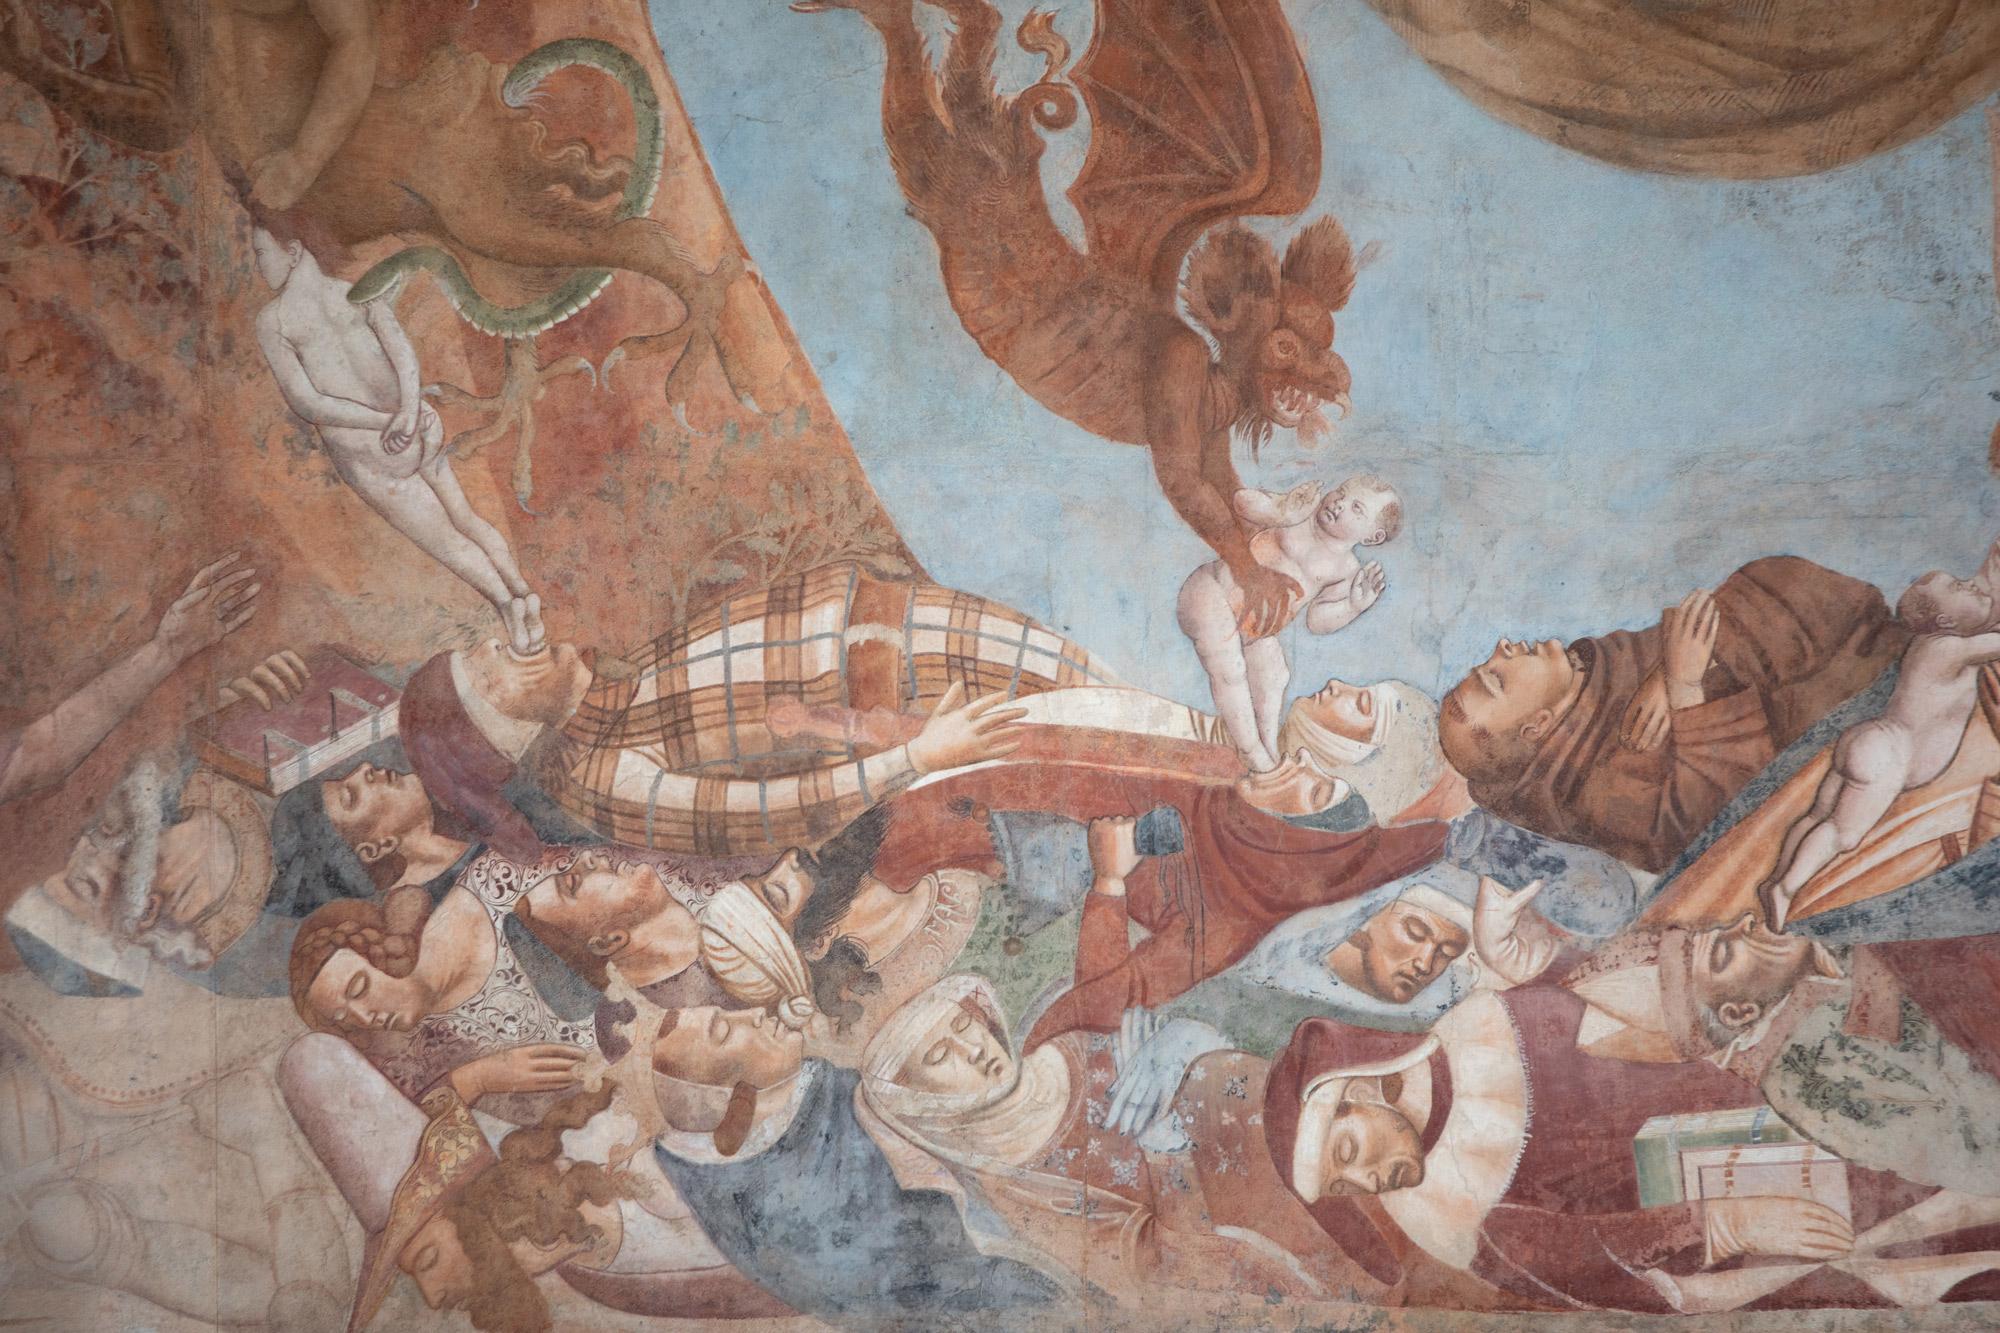 Bonamico Buffalmacco, Trionfo della Morte, dettaglio dei potenti vinti dalla morte